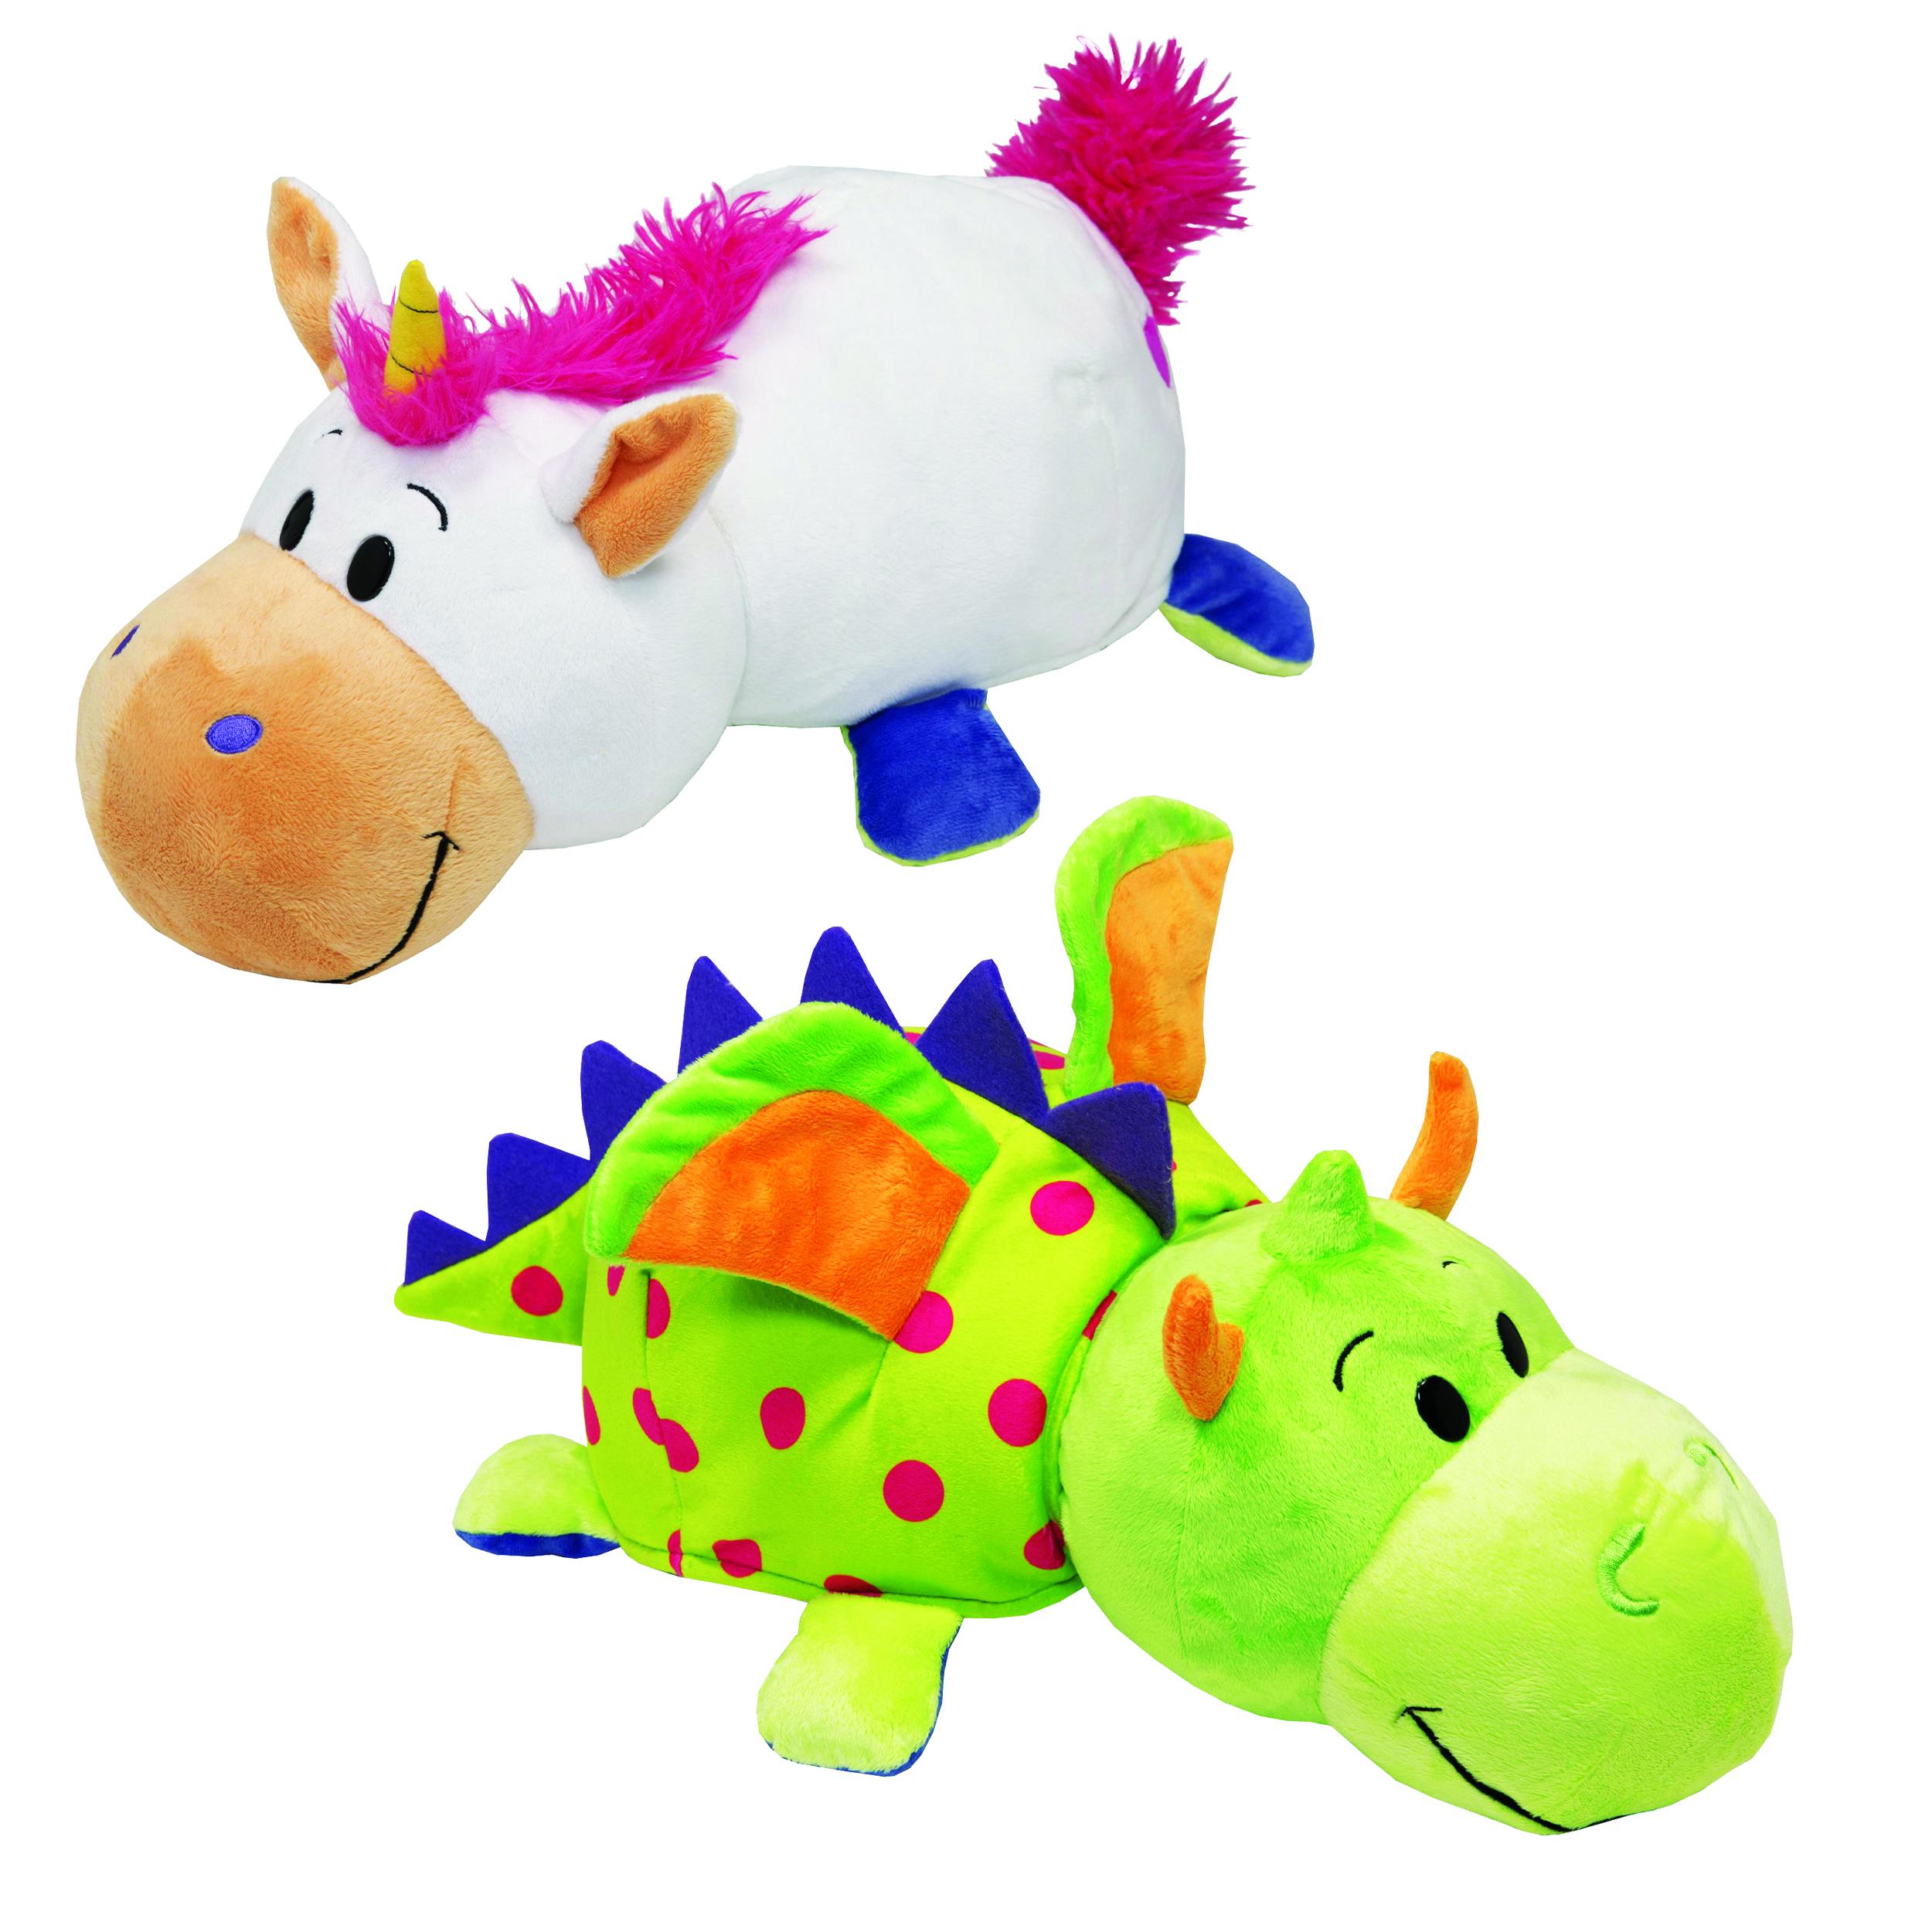 Мягкие игрушки 1toy Мягкая игрушка 1Toy «Вывернушка. Единорог-Дракон» 40 см игрушка 1toy robopets королевская кобра т11395